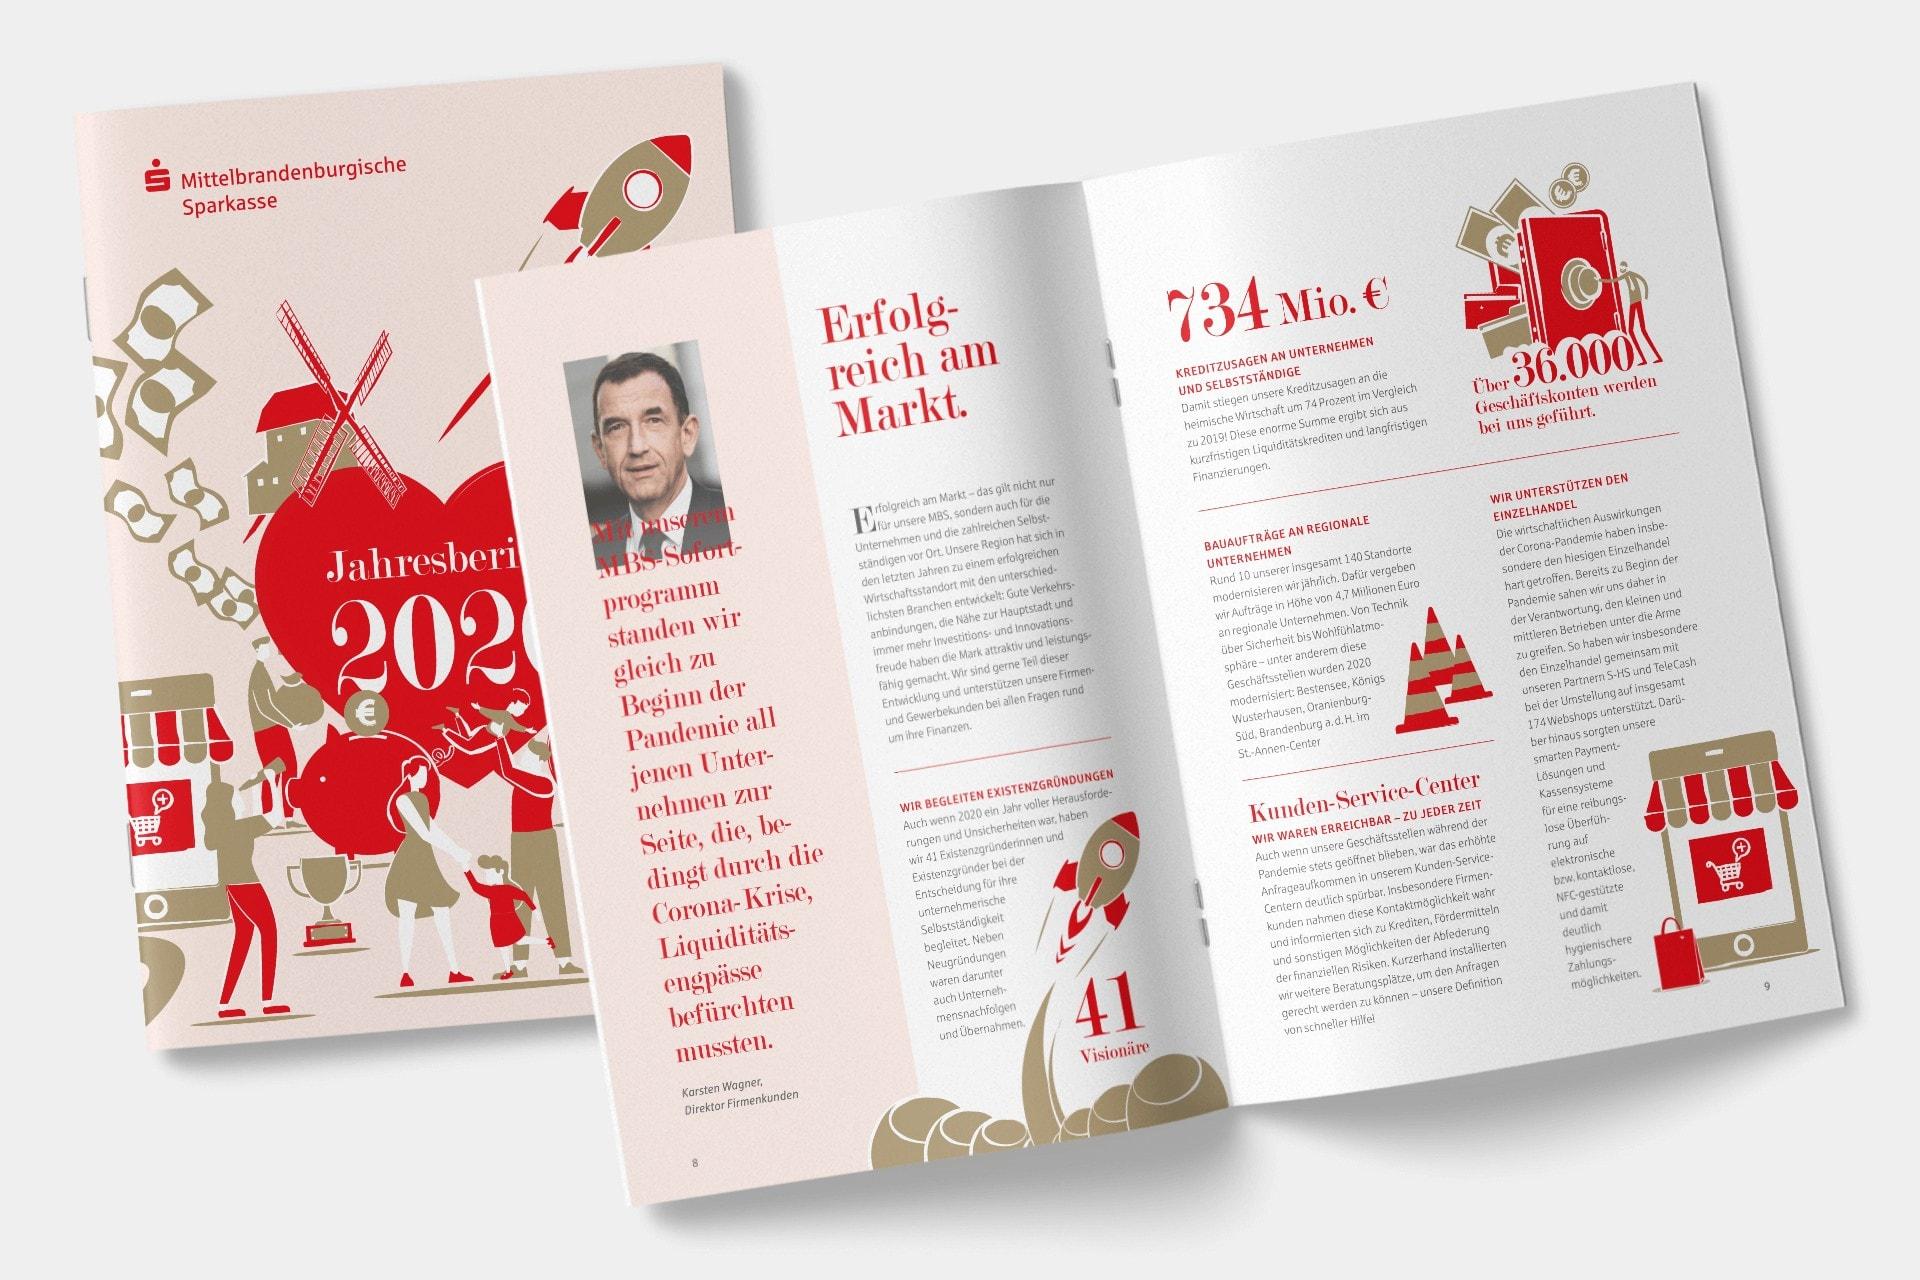 Ansicht des Jahresberichts 2020 der Mittelbrandenburgischen Sparkasse